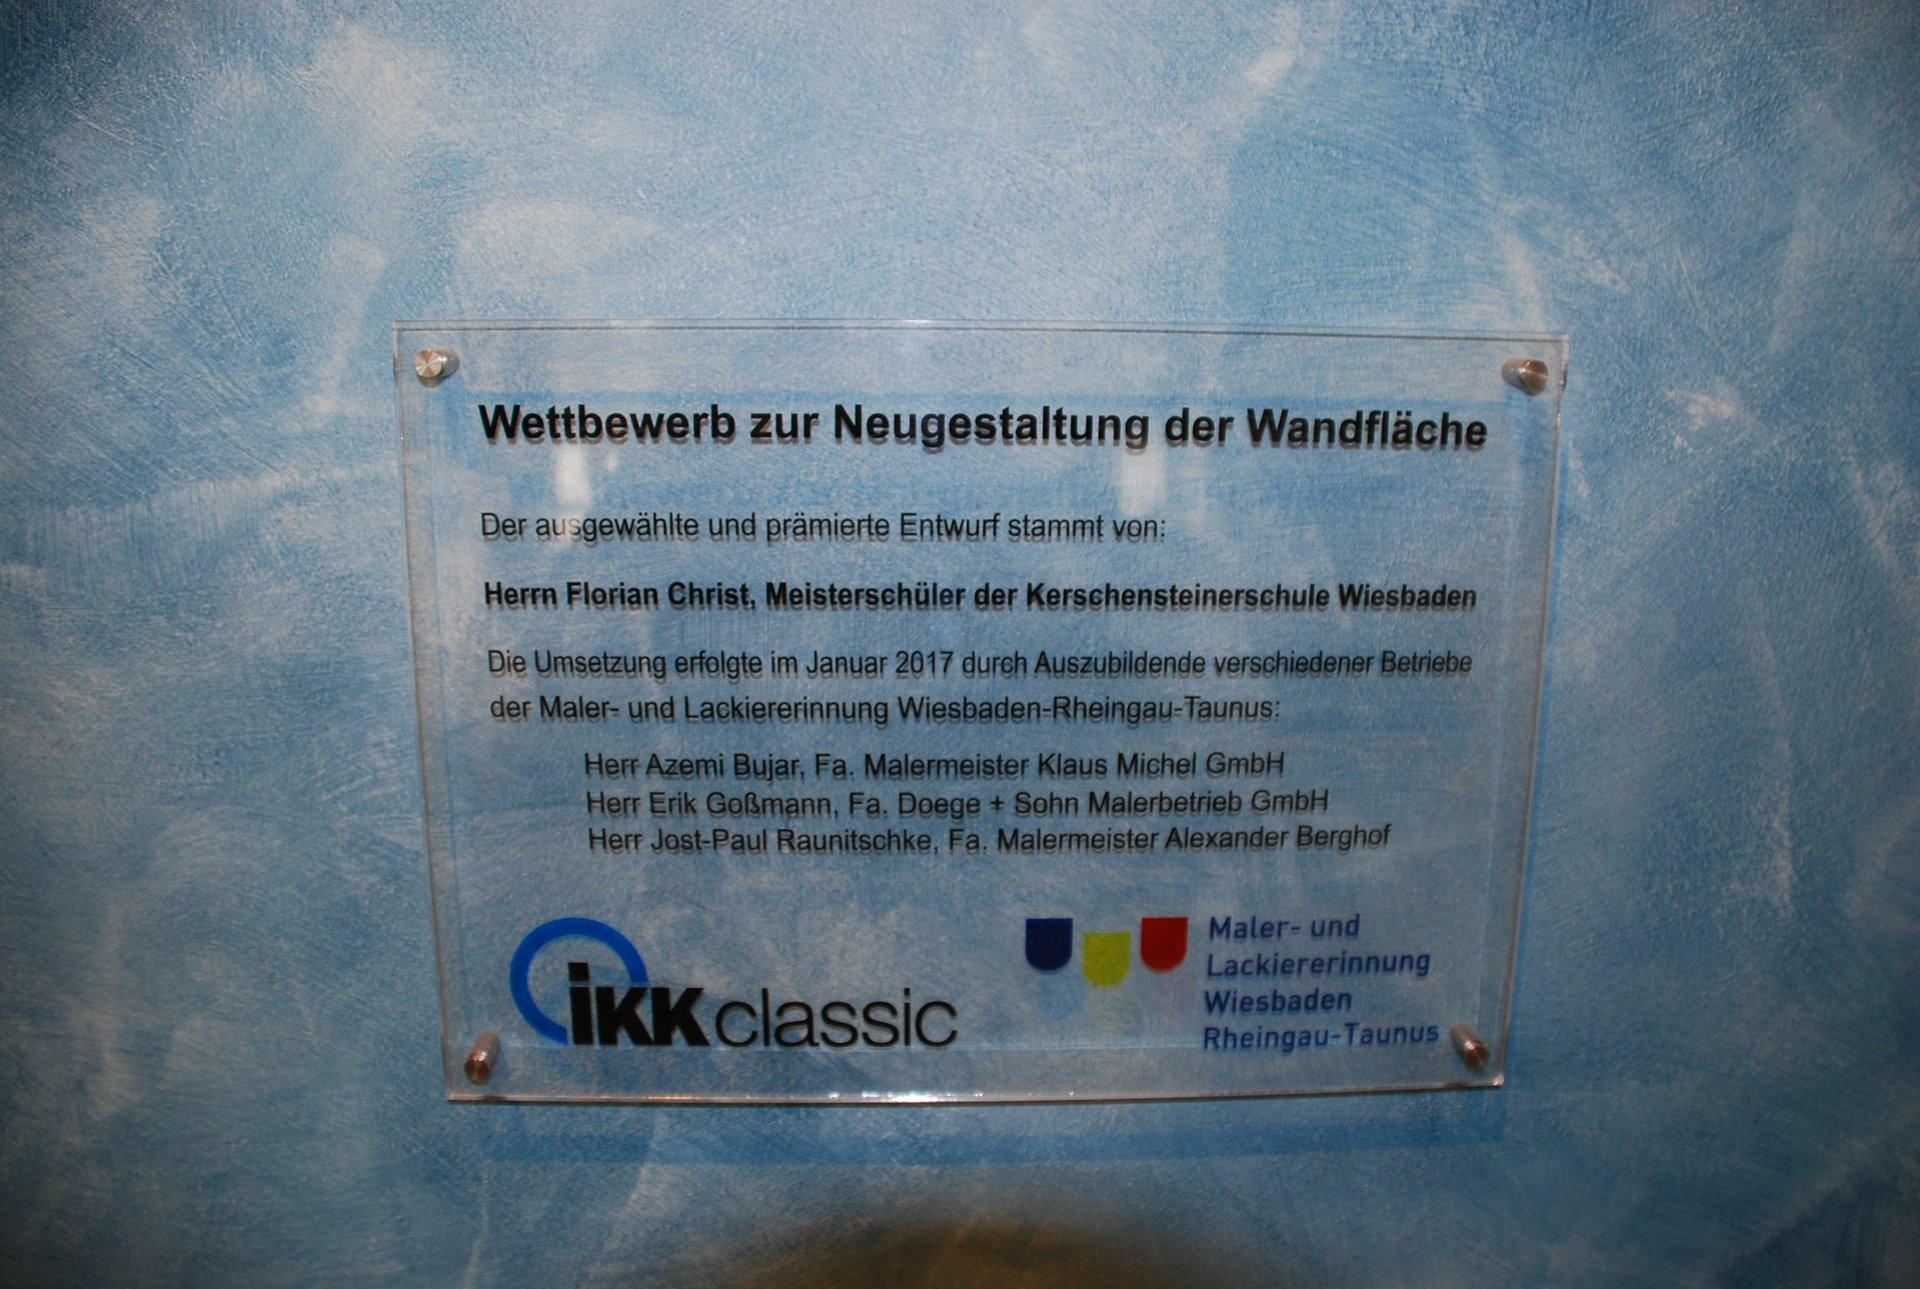 Malerbetrieb Wiesbaden auszubildende der maler und lackiererinnung wiesbaden rheingau